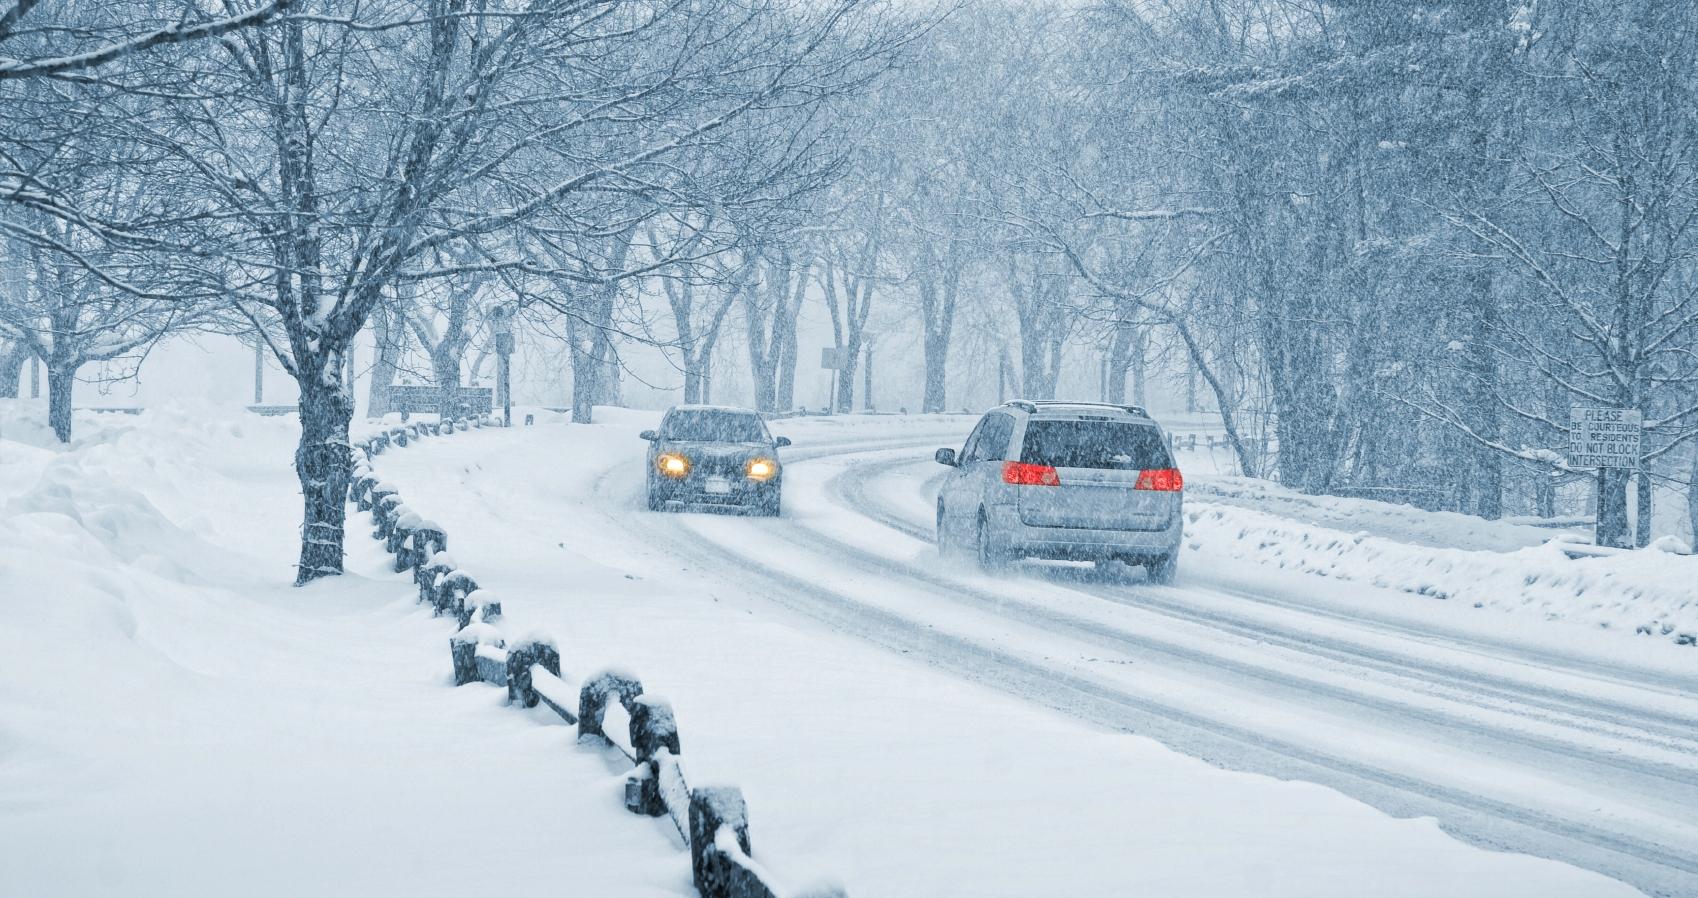 Winter Weather - PROCEDURES